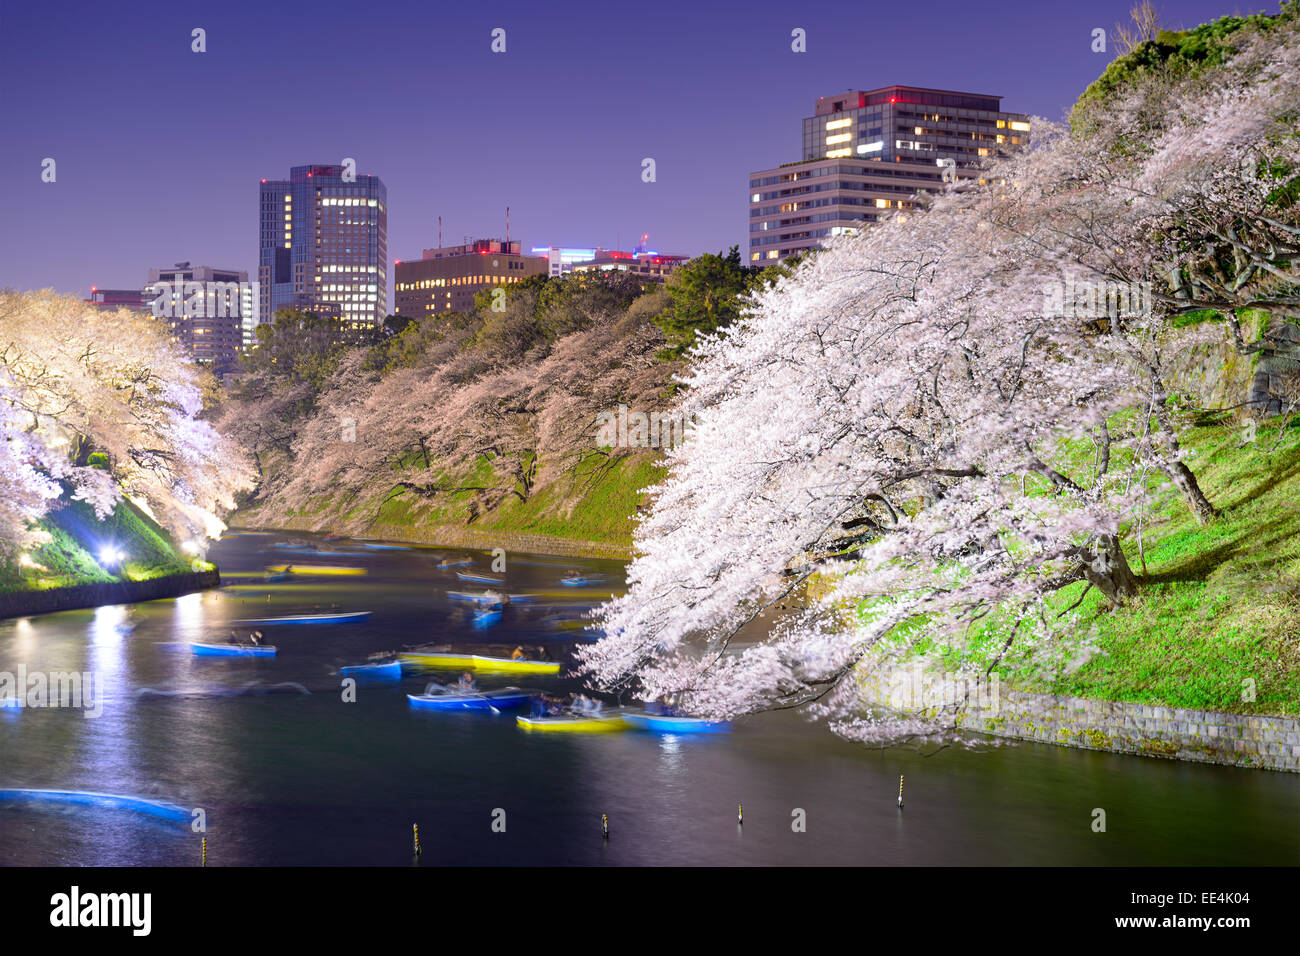 Tokyo, Giappone a Chidorigafuchi Imperial Palace fossato durante la stagione primaverile. Immagini Stock